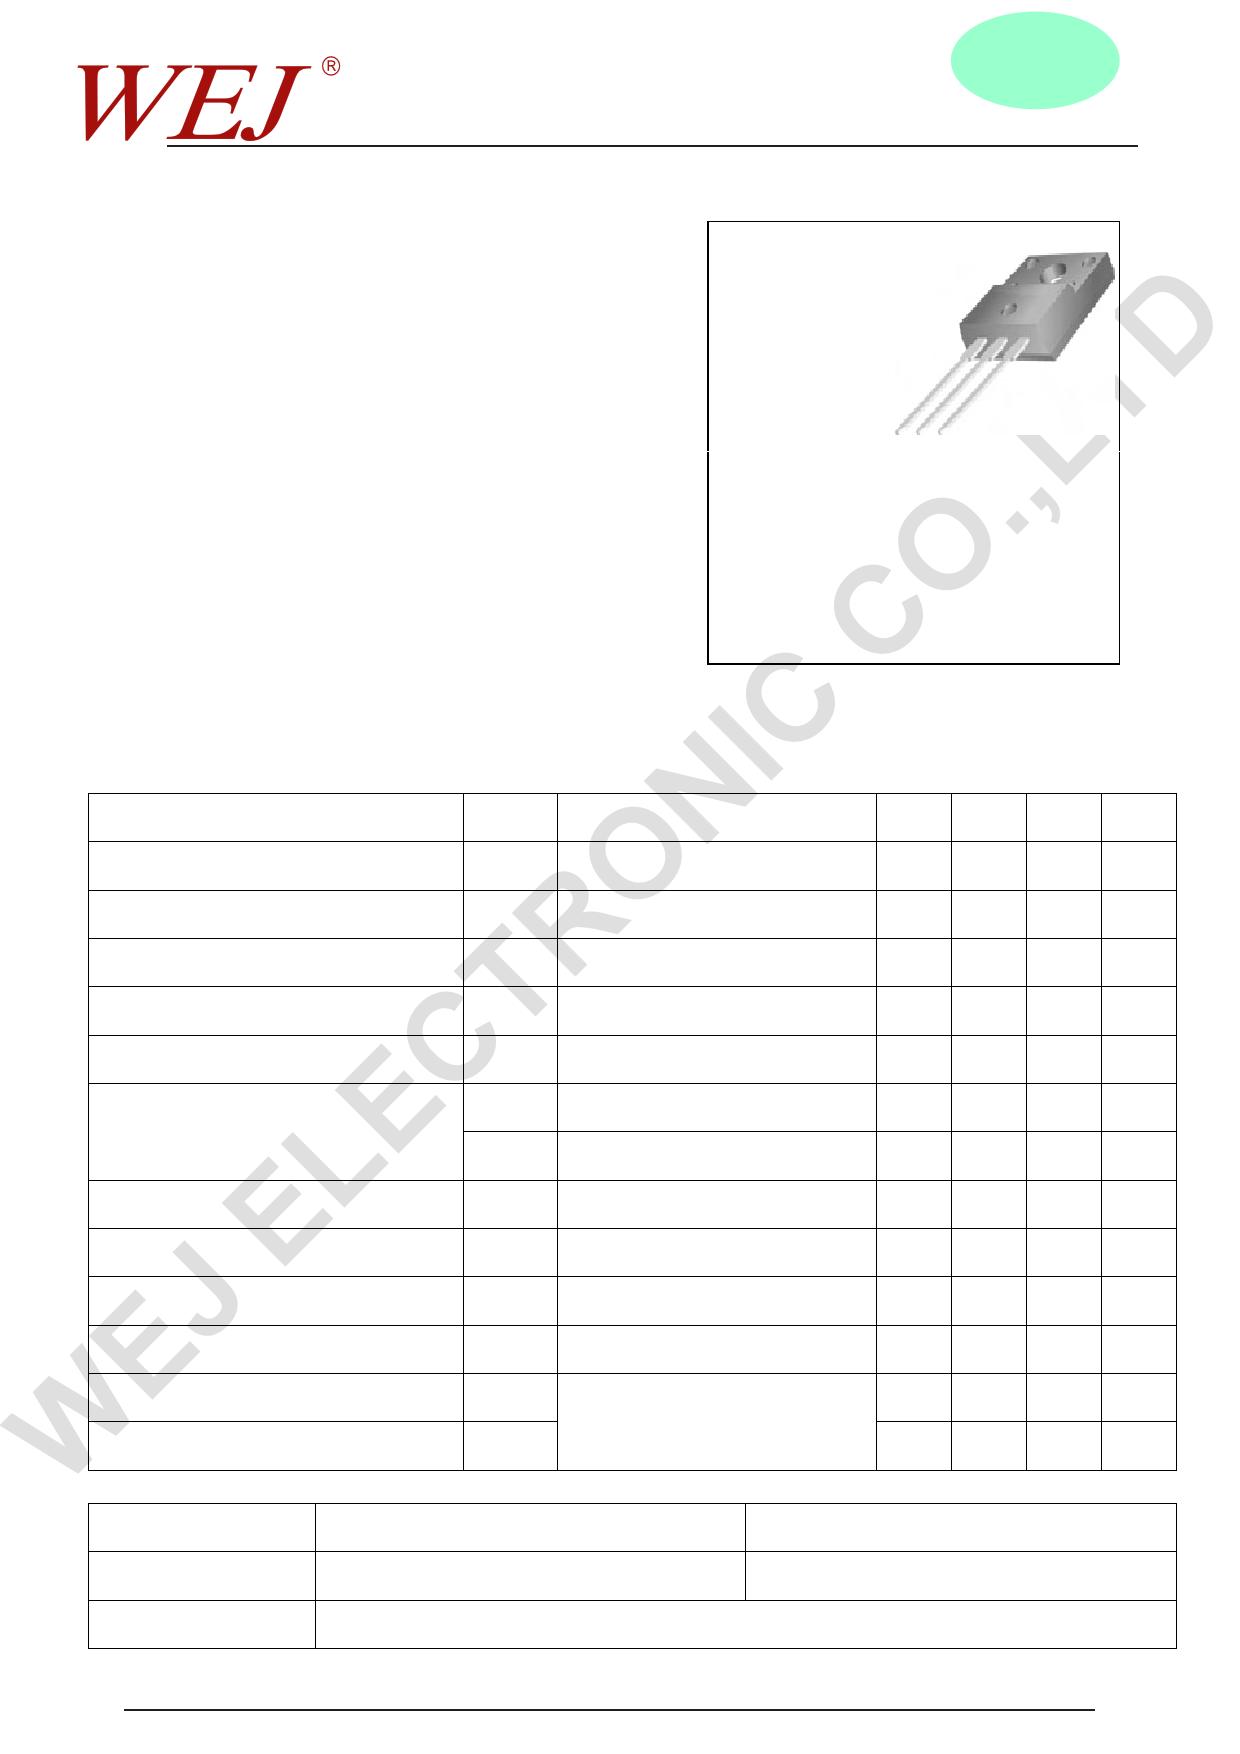 KTB1366 Datasheet, KTB1366 PDF,ピン配置, 機能